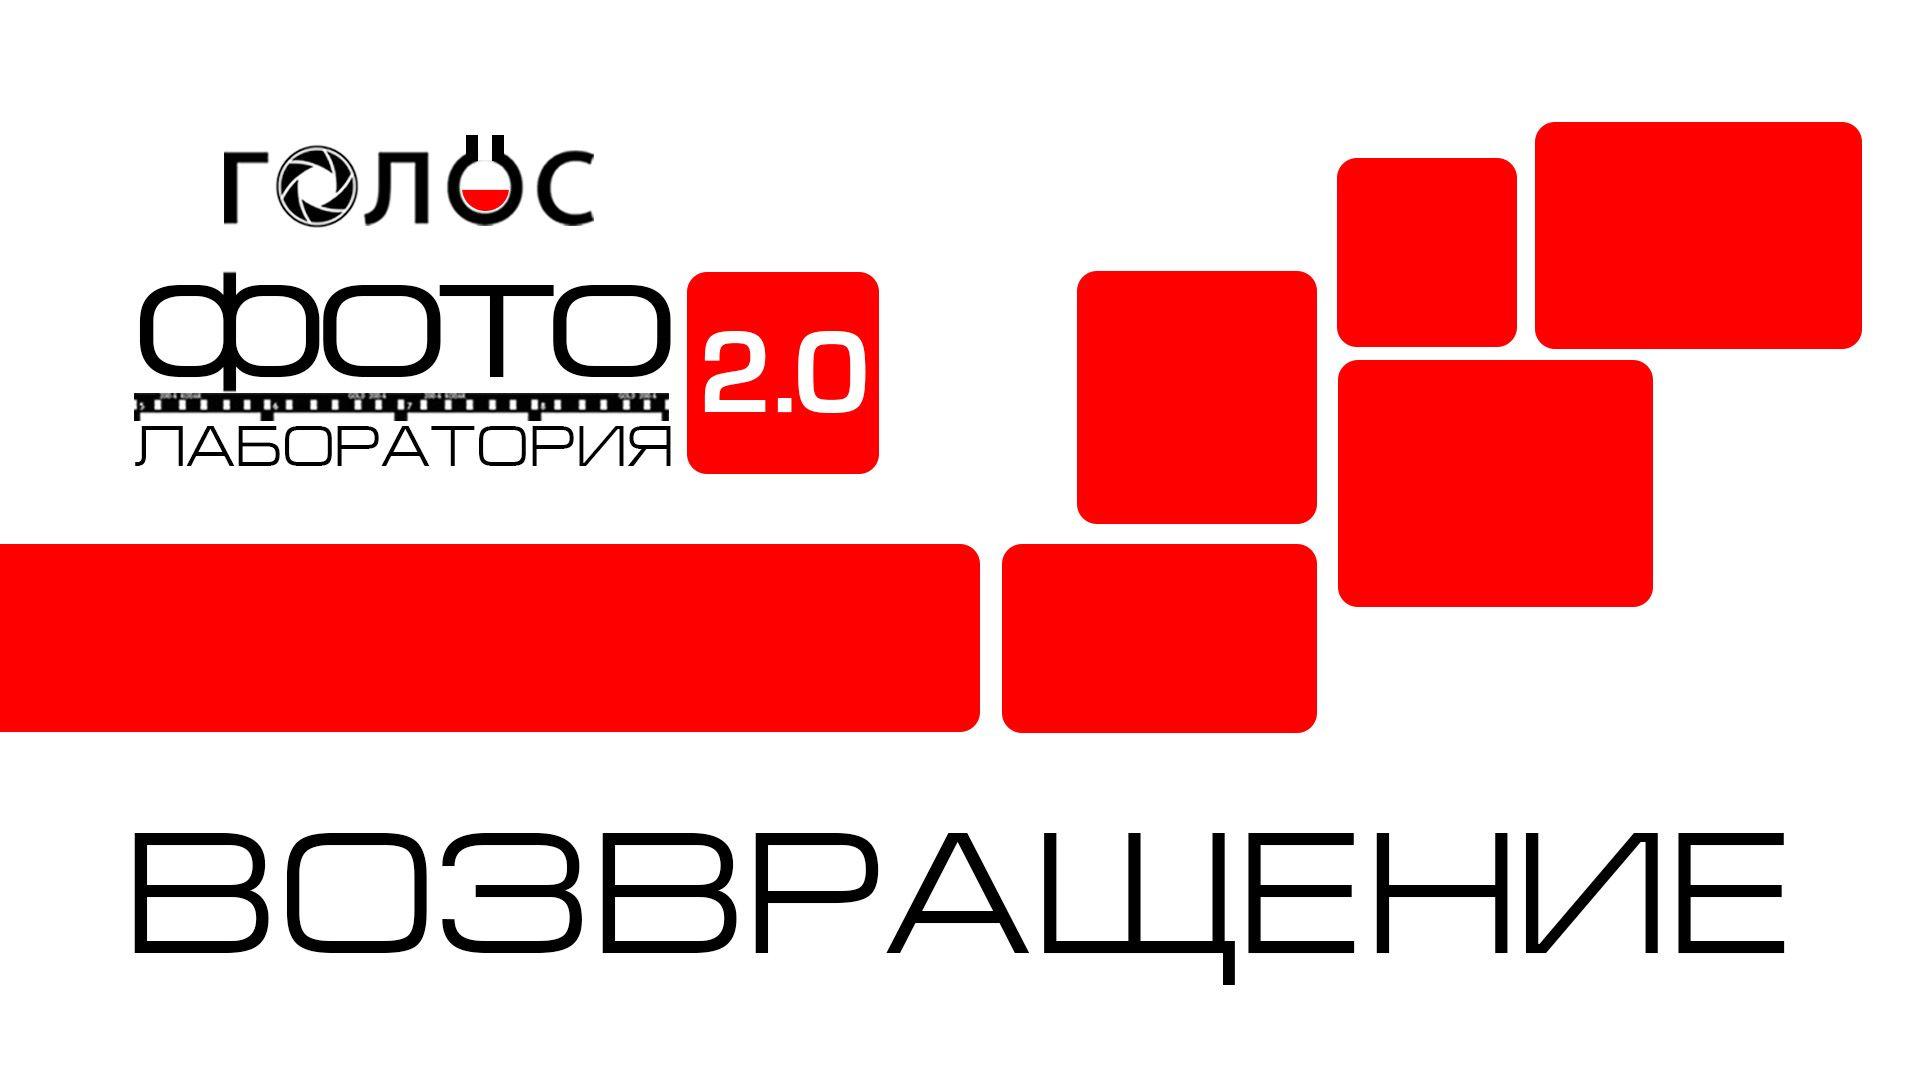 004_2Artboard 1.jpg